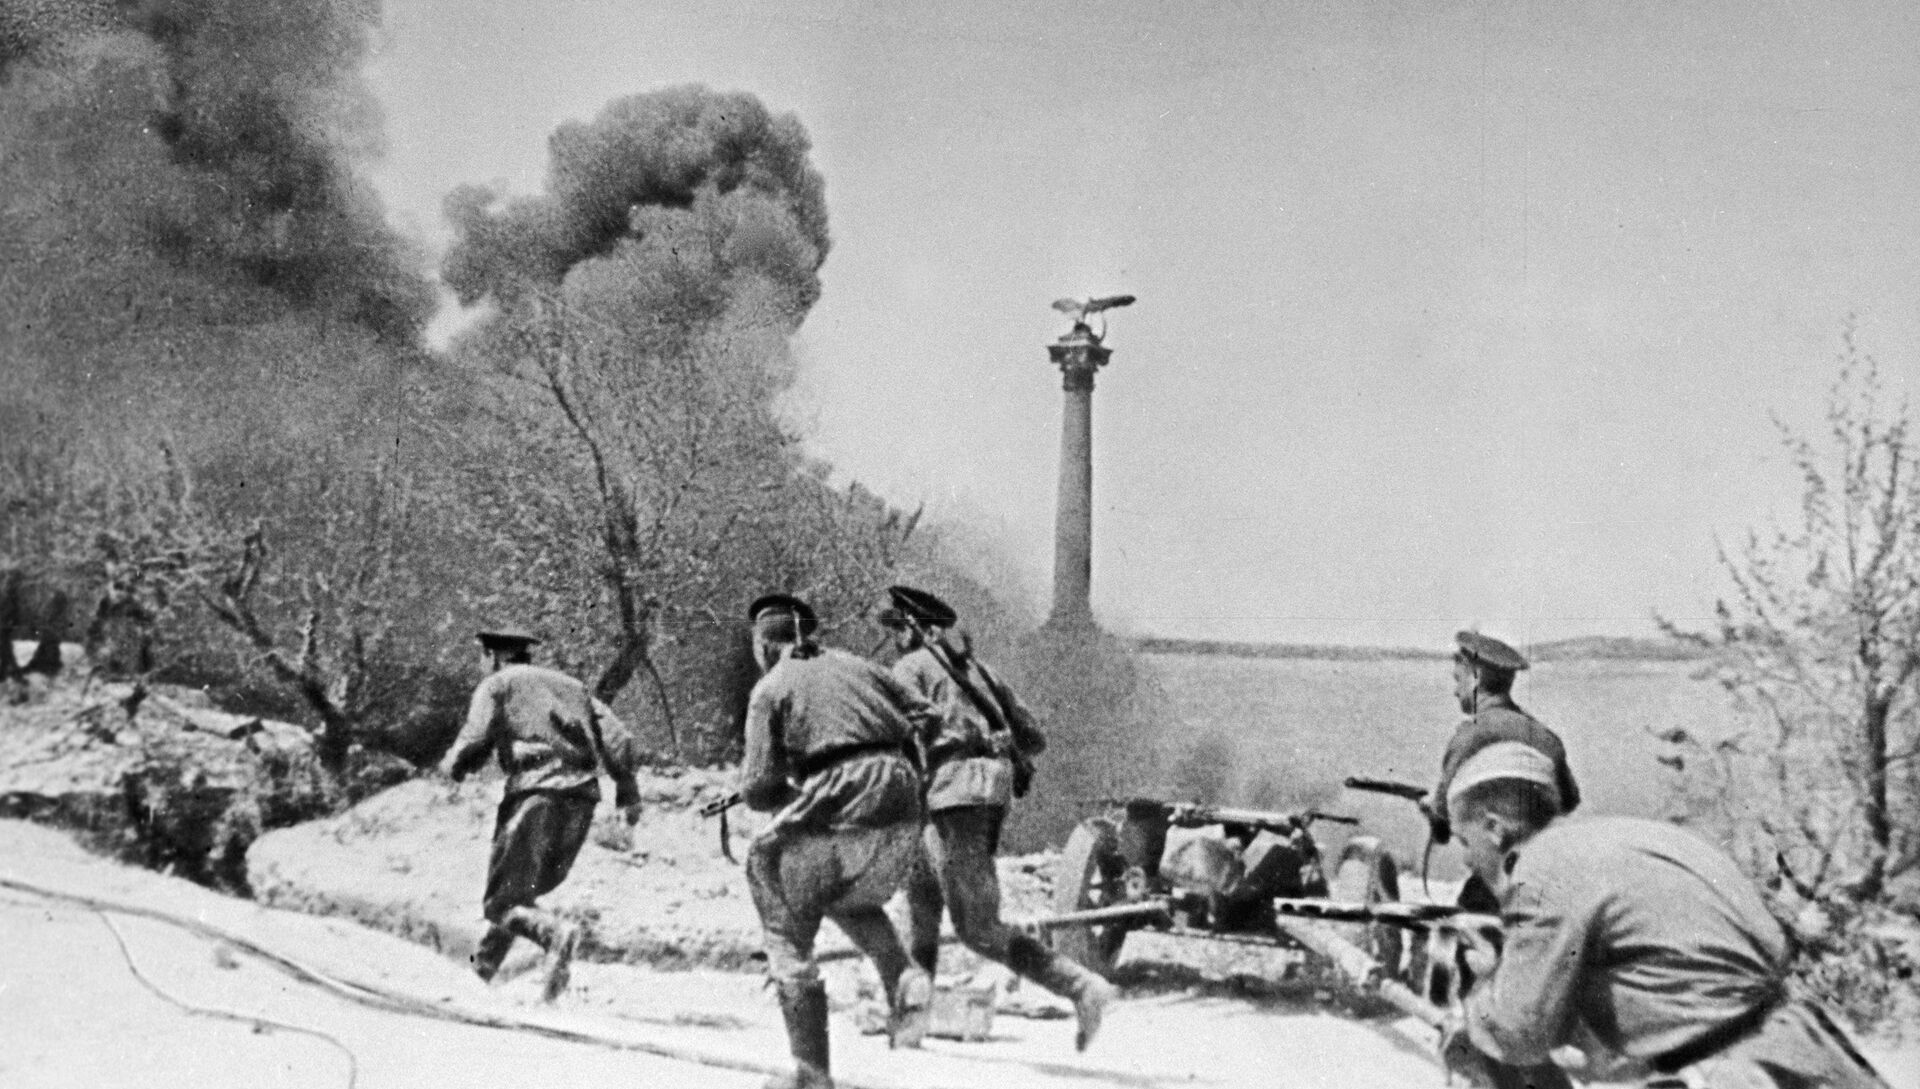 Морские пехотинцы во время боя в Севастополе во время Великой Отечественной войны - РИА Новости, 1920, 09.05.2021